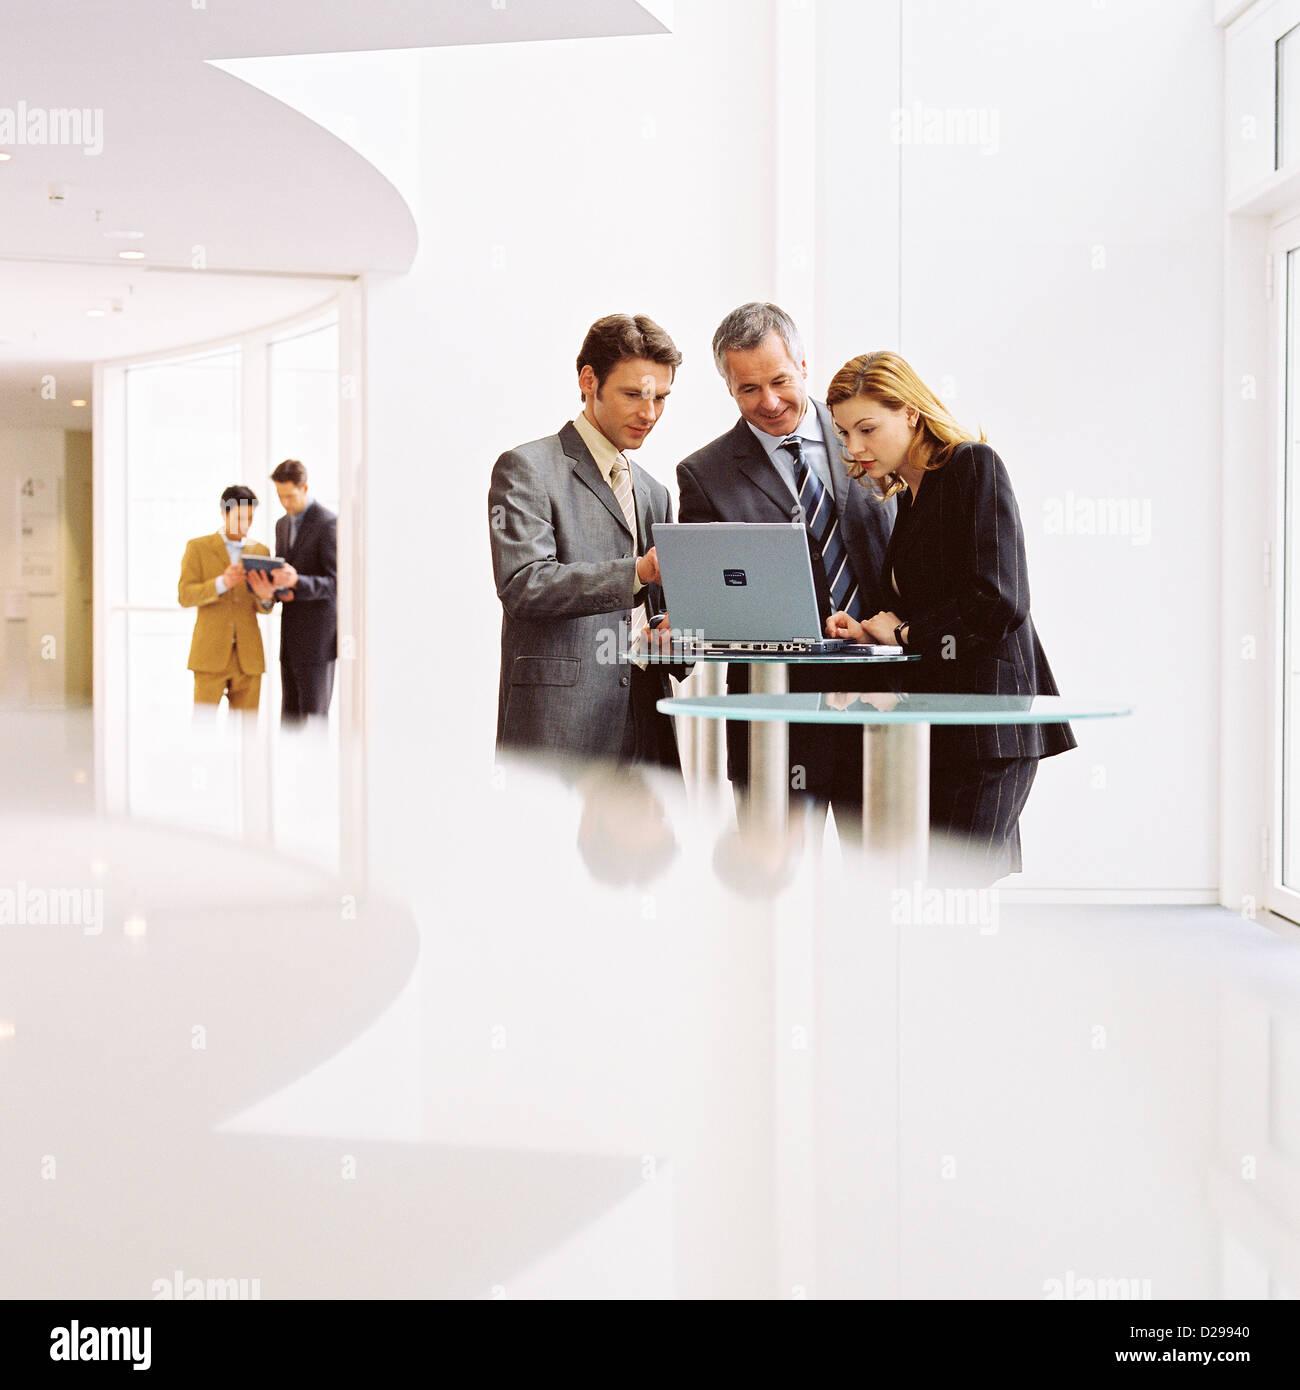 Geschäftsleute lizenzfrei außer anzeigen und Reklametafeln Stockbild